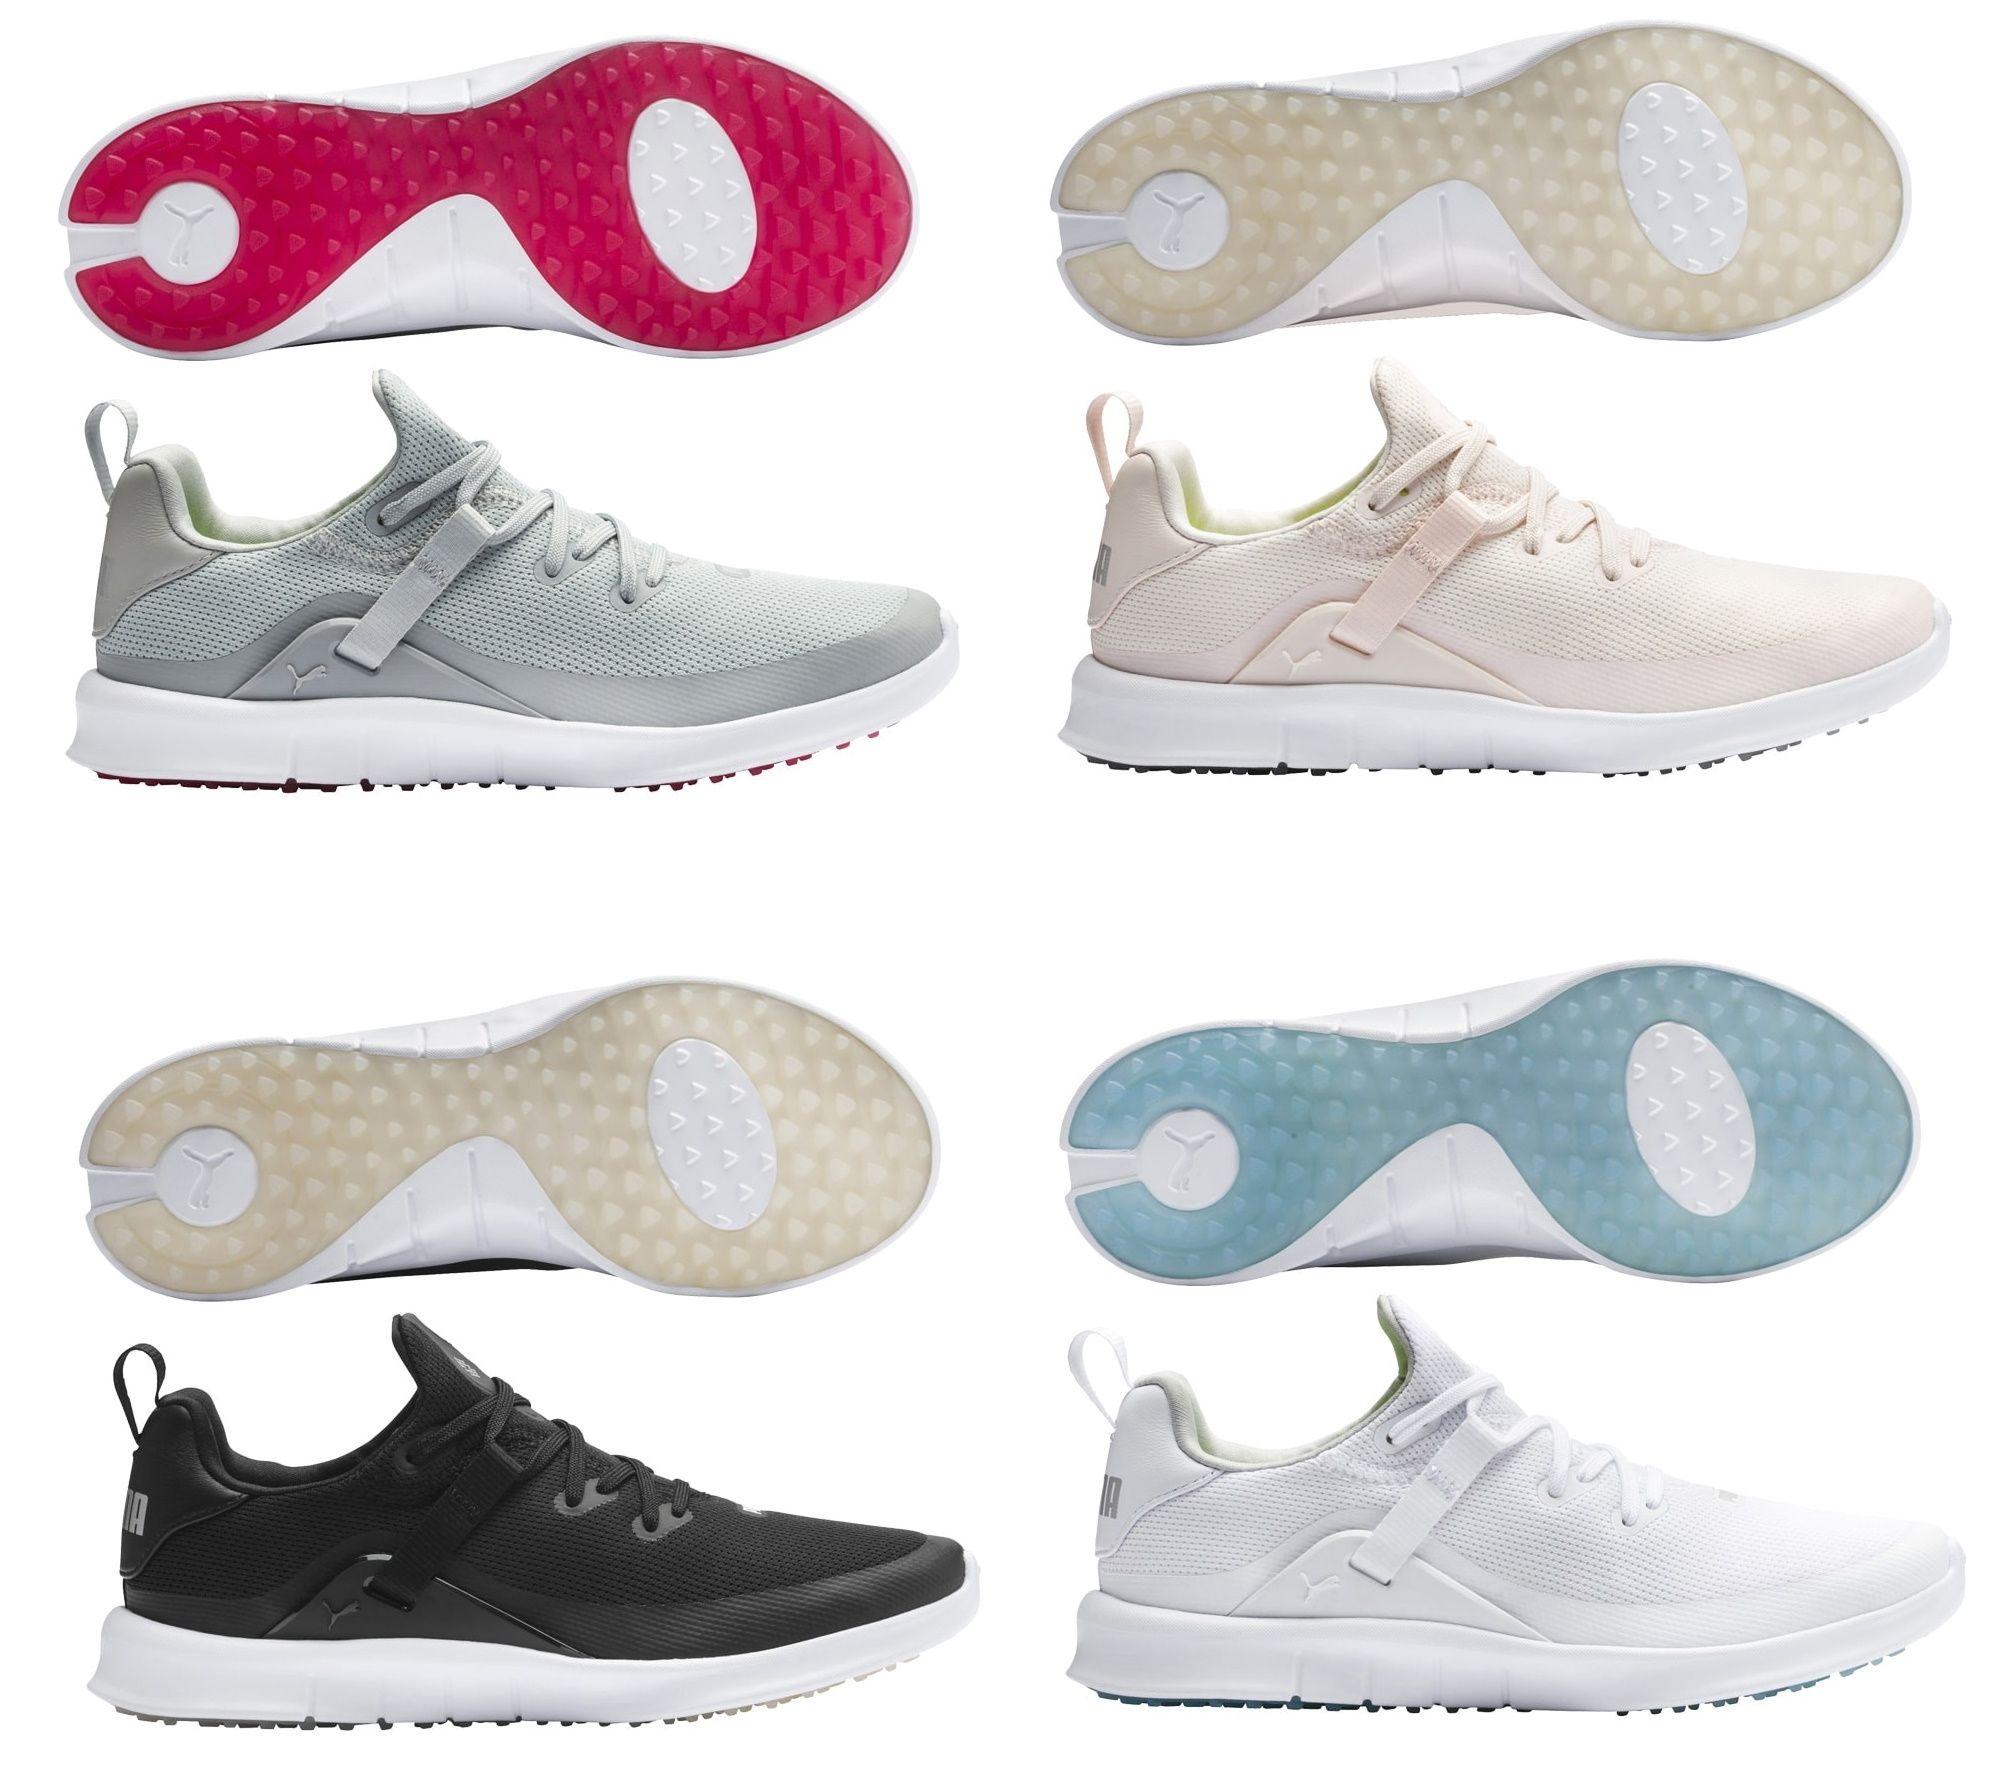 Puma Womens Laguna Fusion Sport Spikeless Golf Shoes 2020 Pick Color Size In 2020 Fusion Sport Spikeless Golf Shoes Womens Golf Shoes